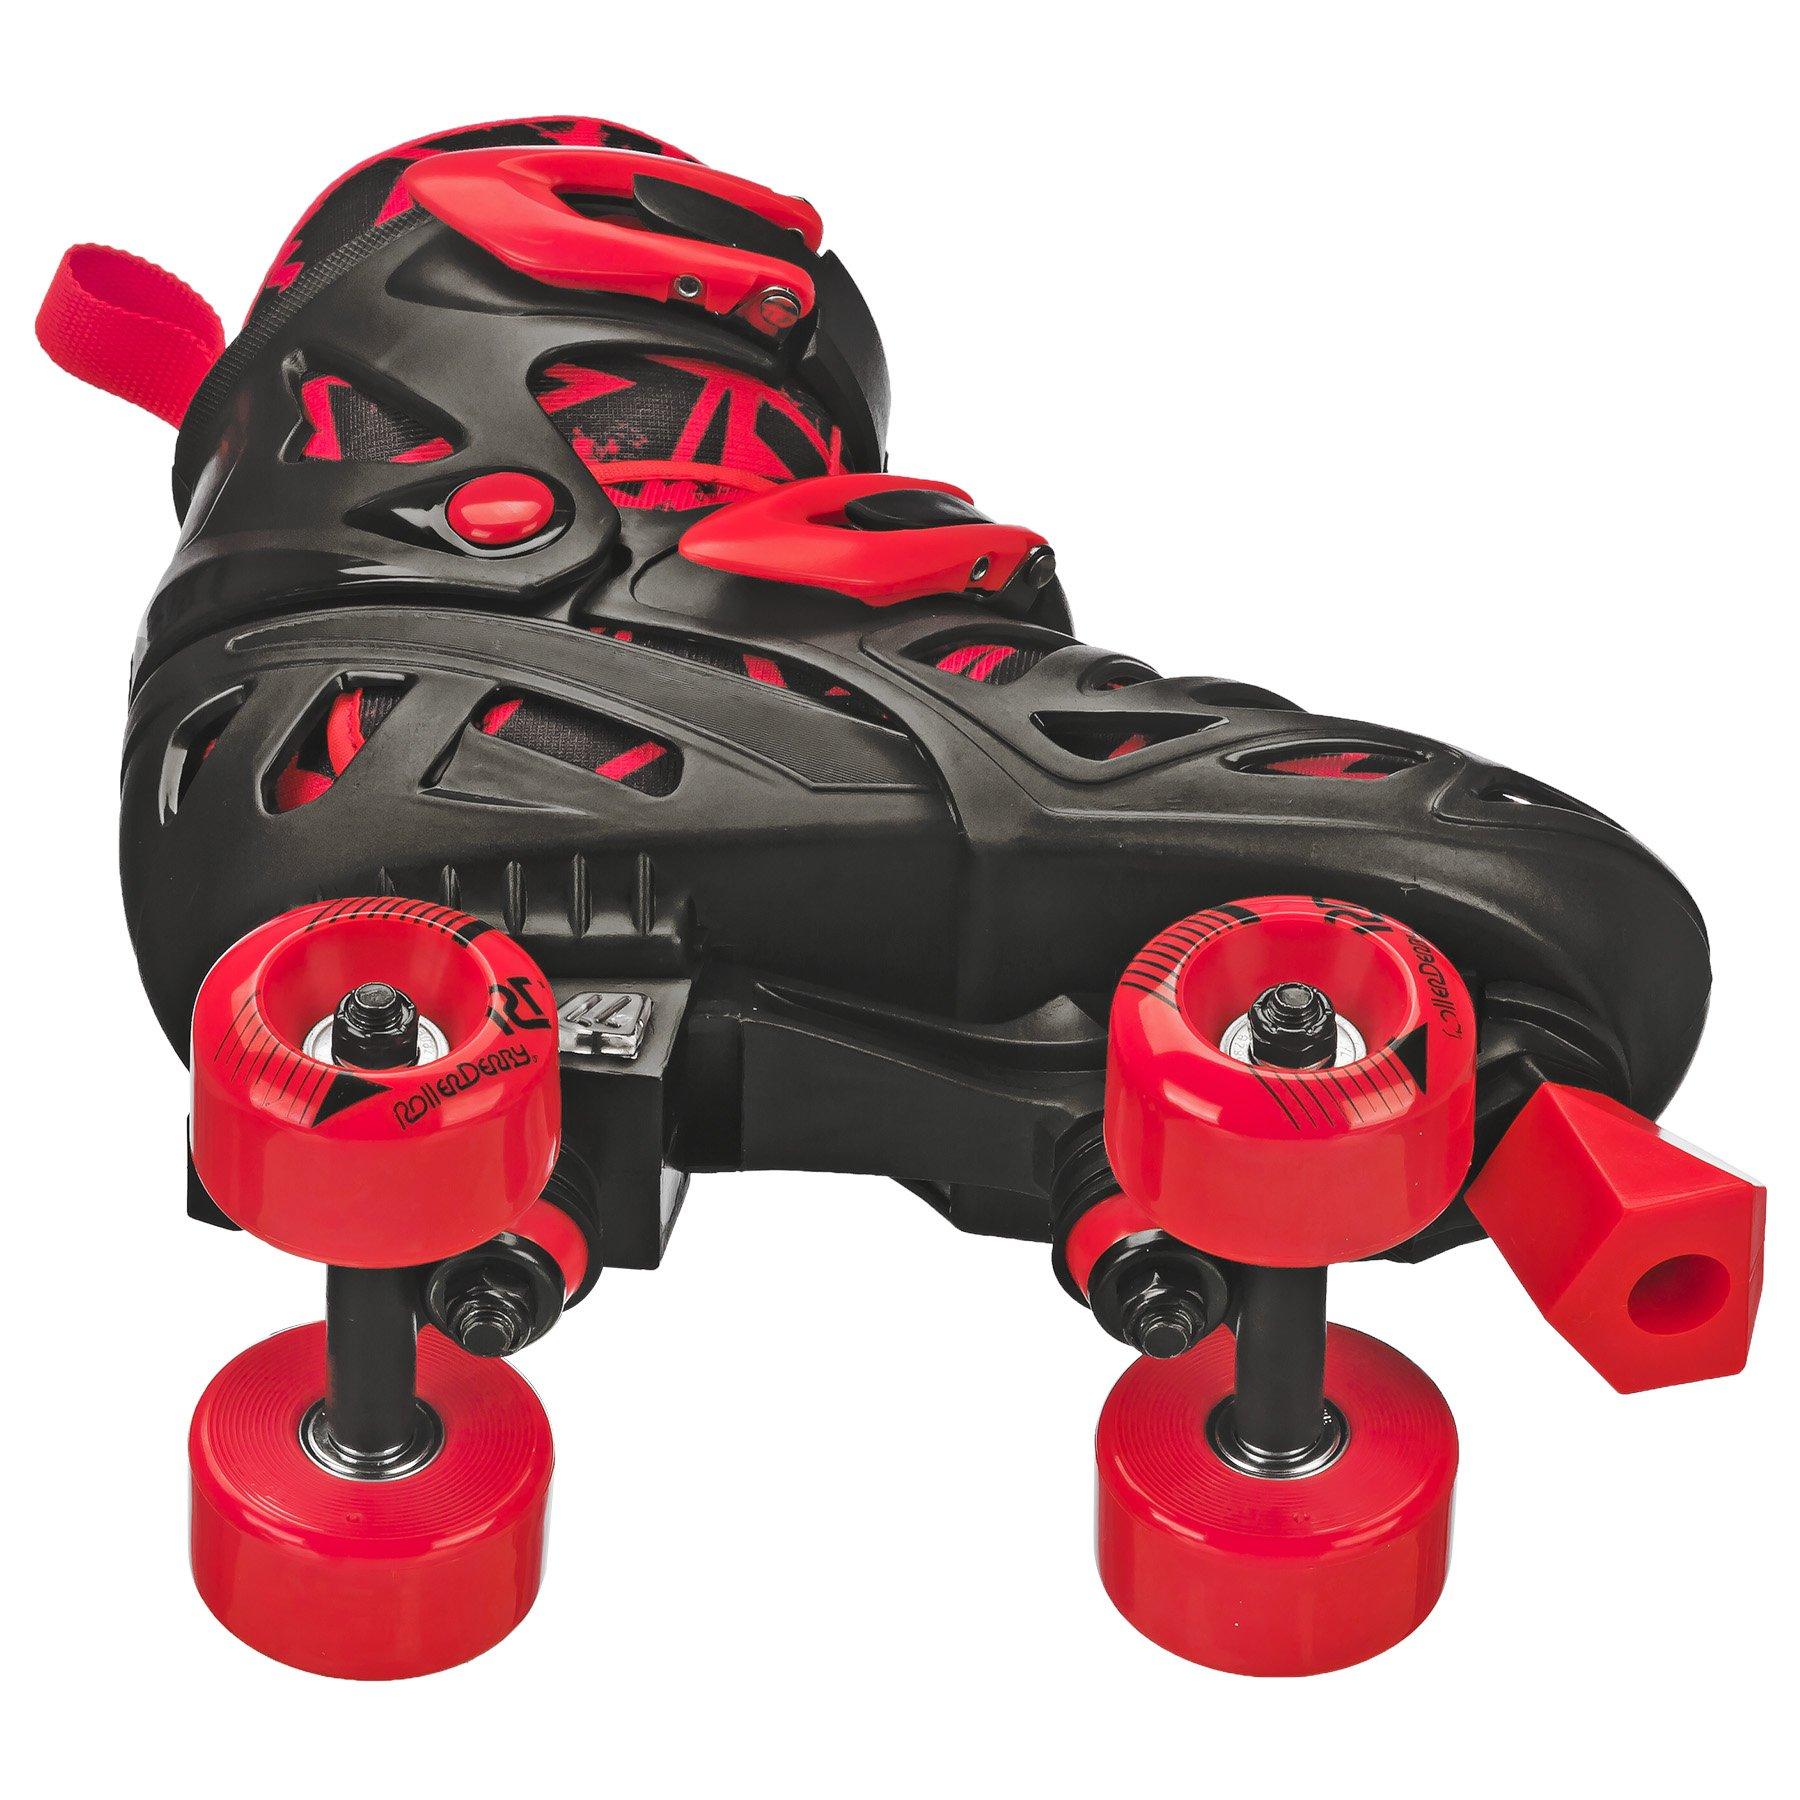 Roller Derby Trac Star Boy's Adjustable Roller Skate, Grey/Black/Red, Large (3-6) by Roller Derby (Image #3)